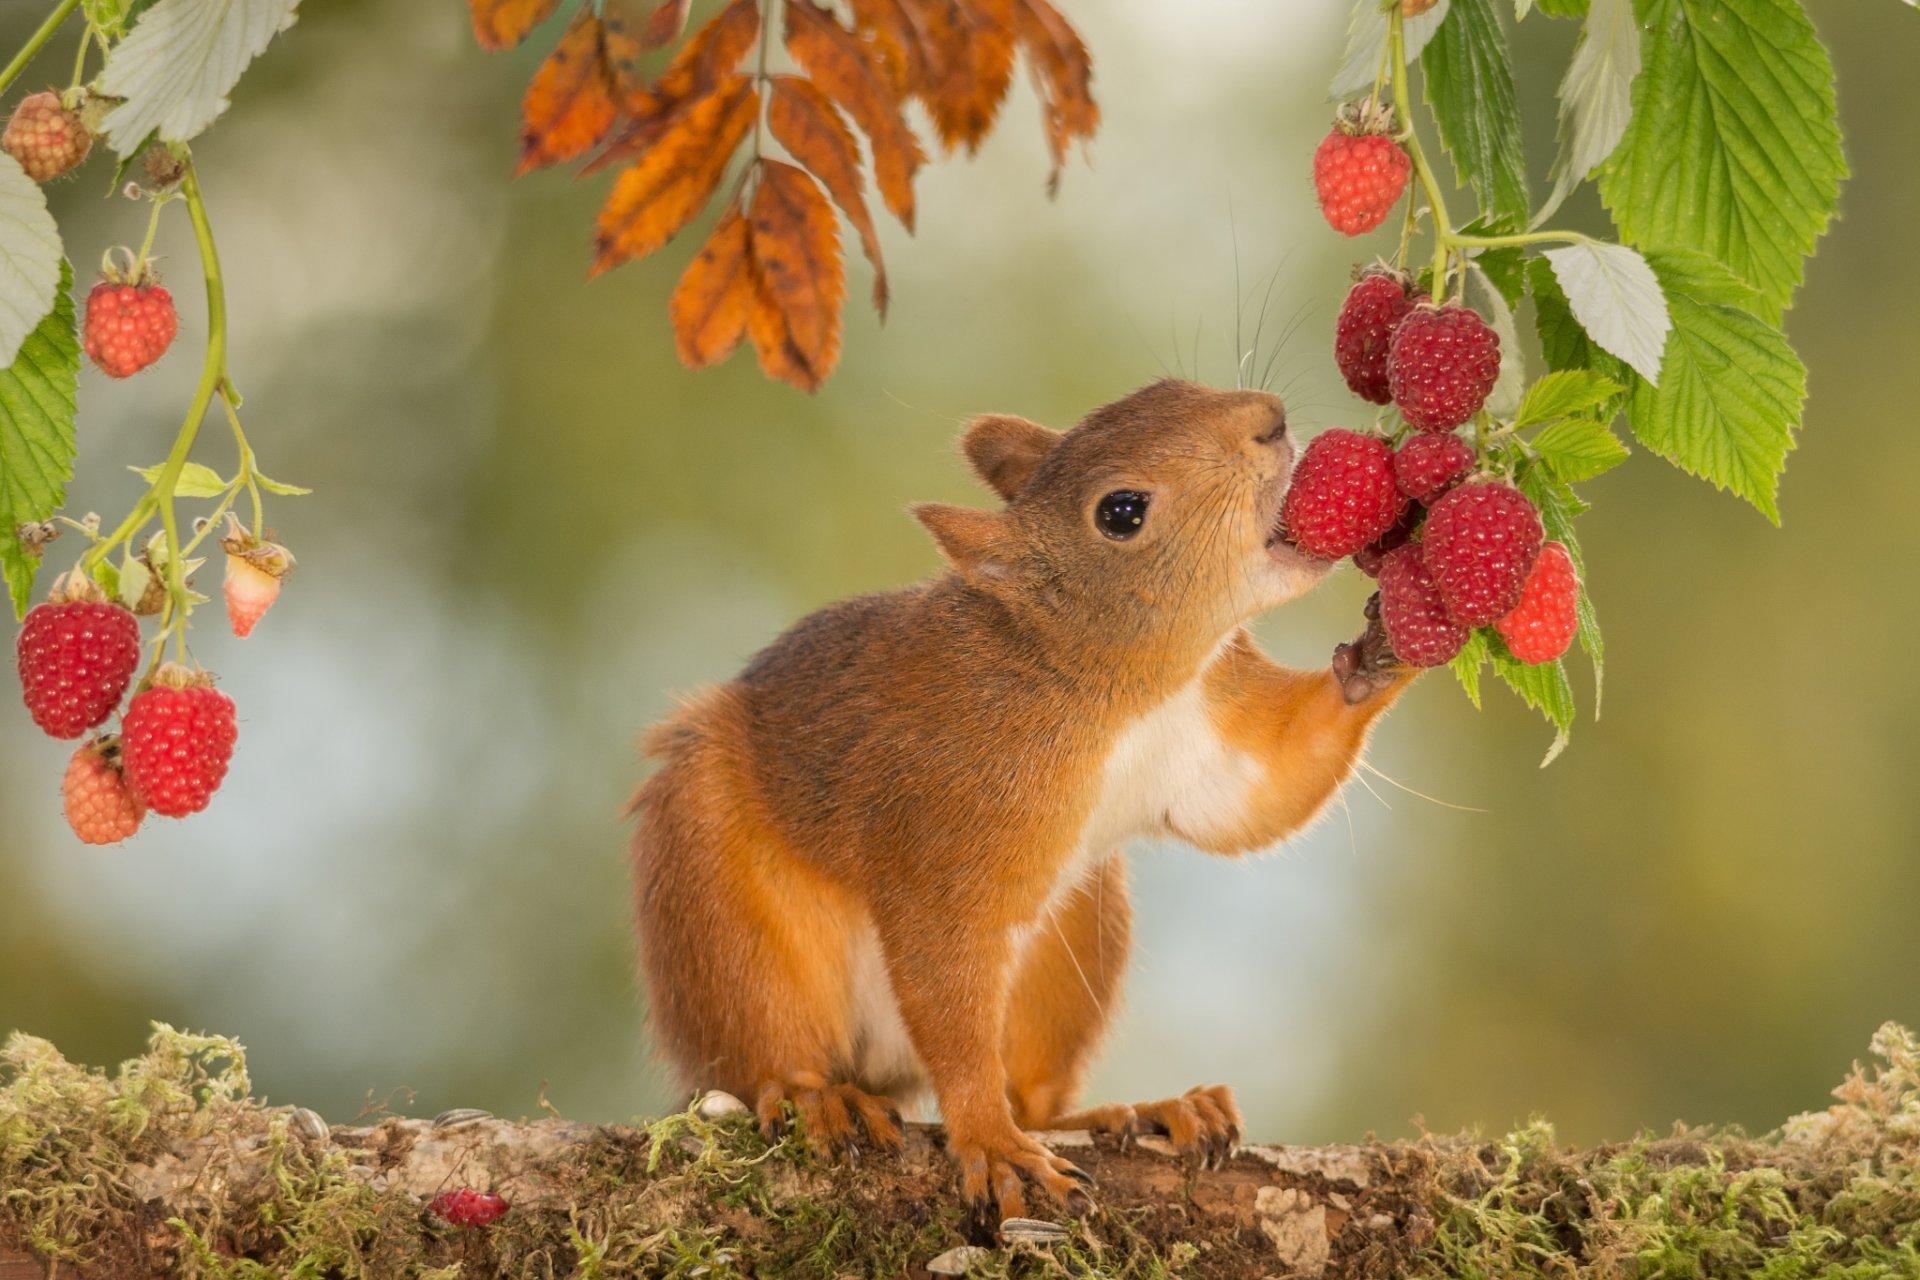 Надписями листках, красивые картинки с природой и животными